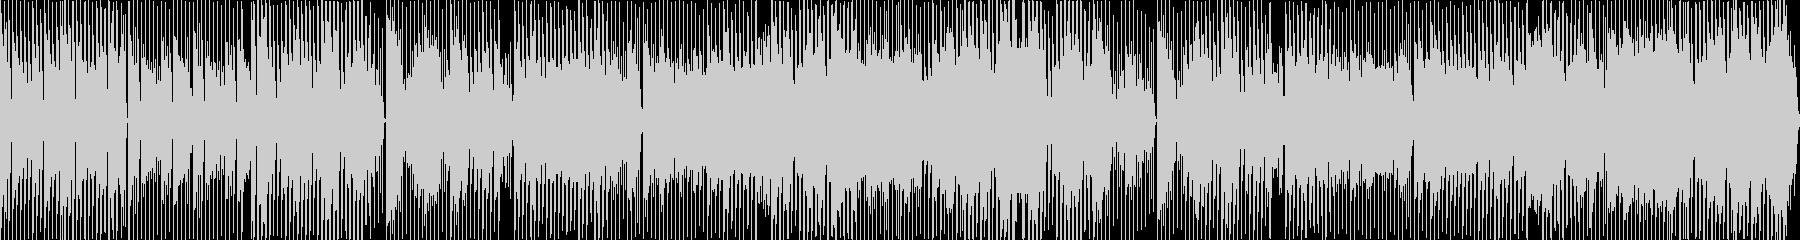 日常をイメージしたほのぼのテクノポップの未再生の波形